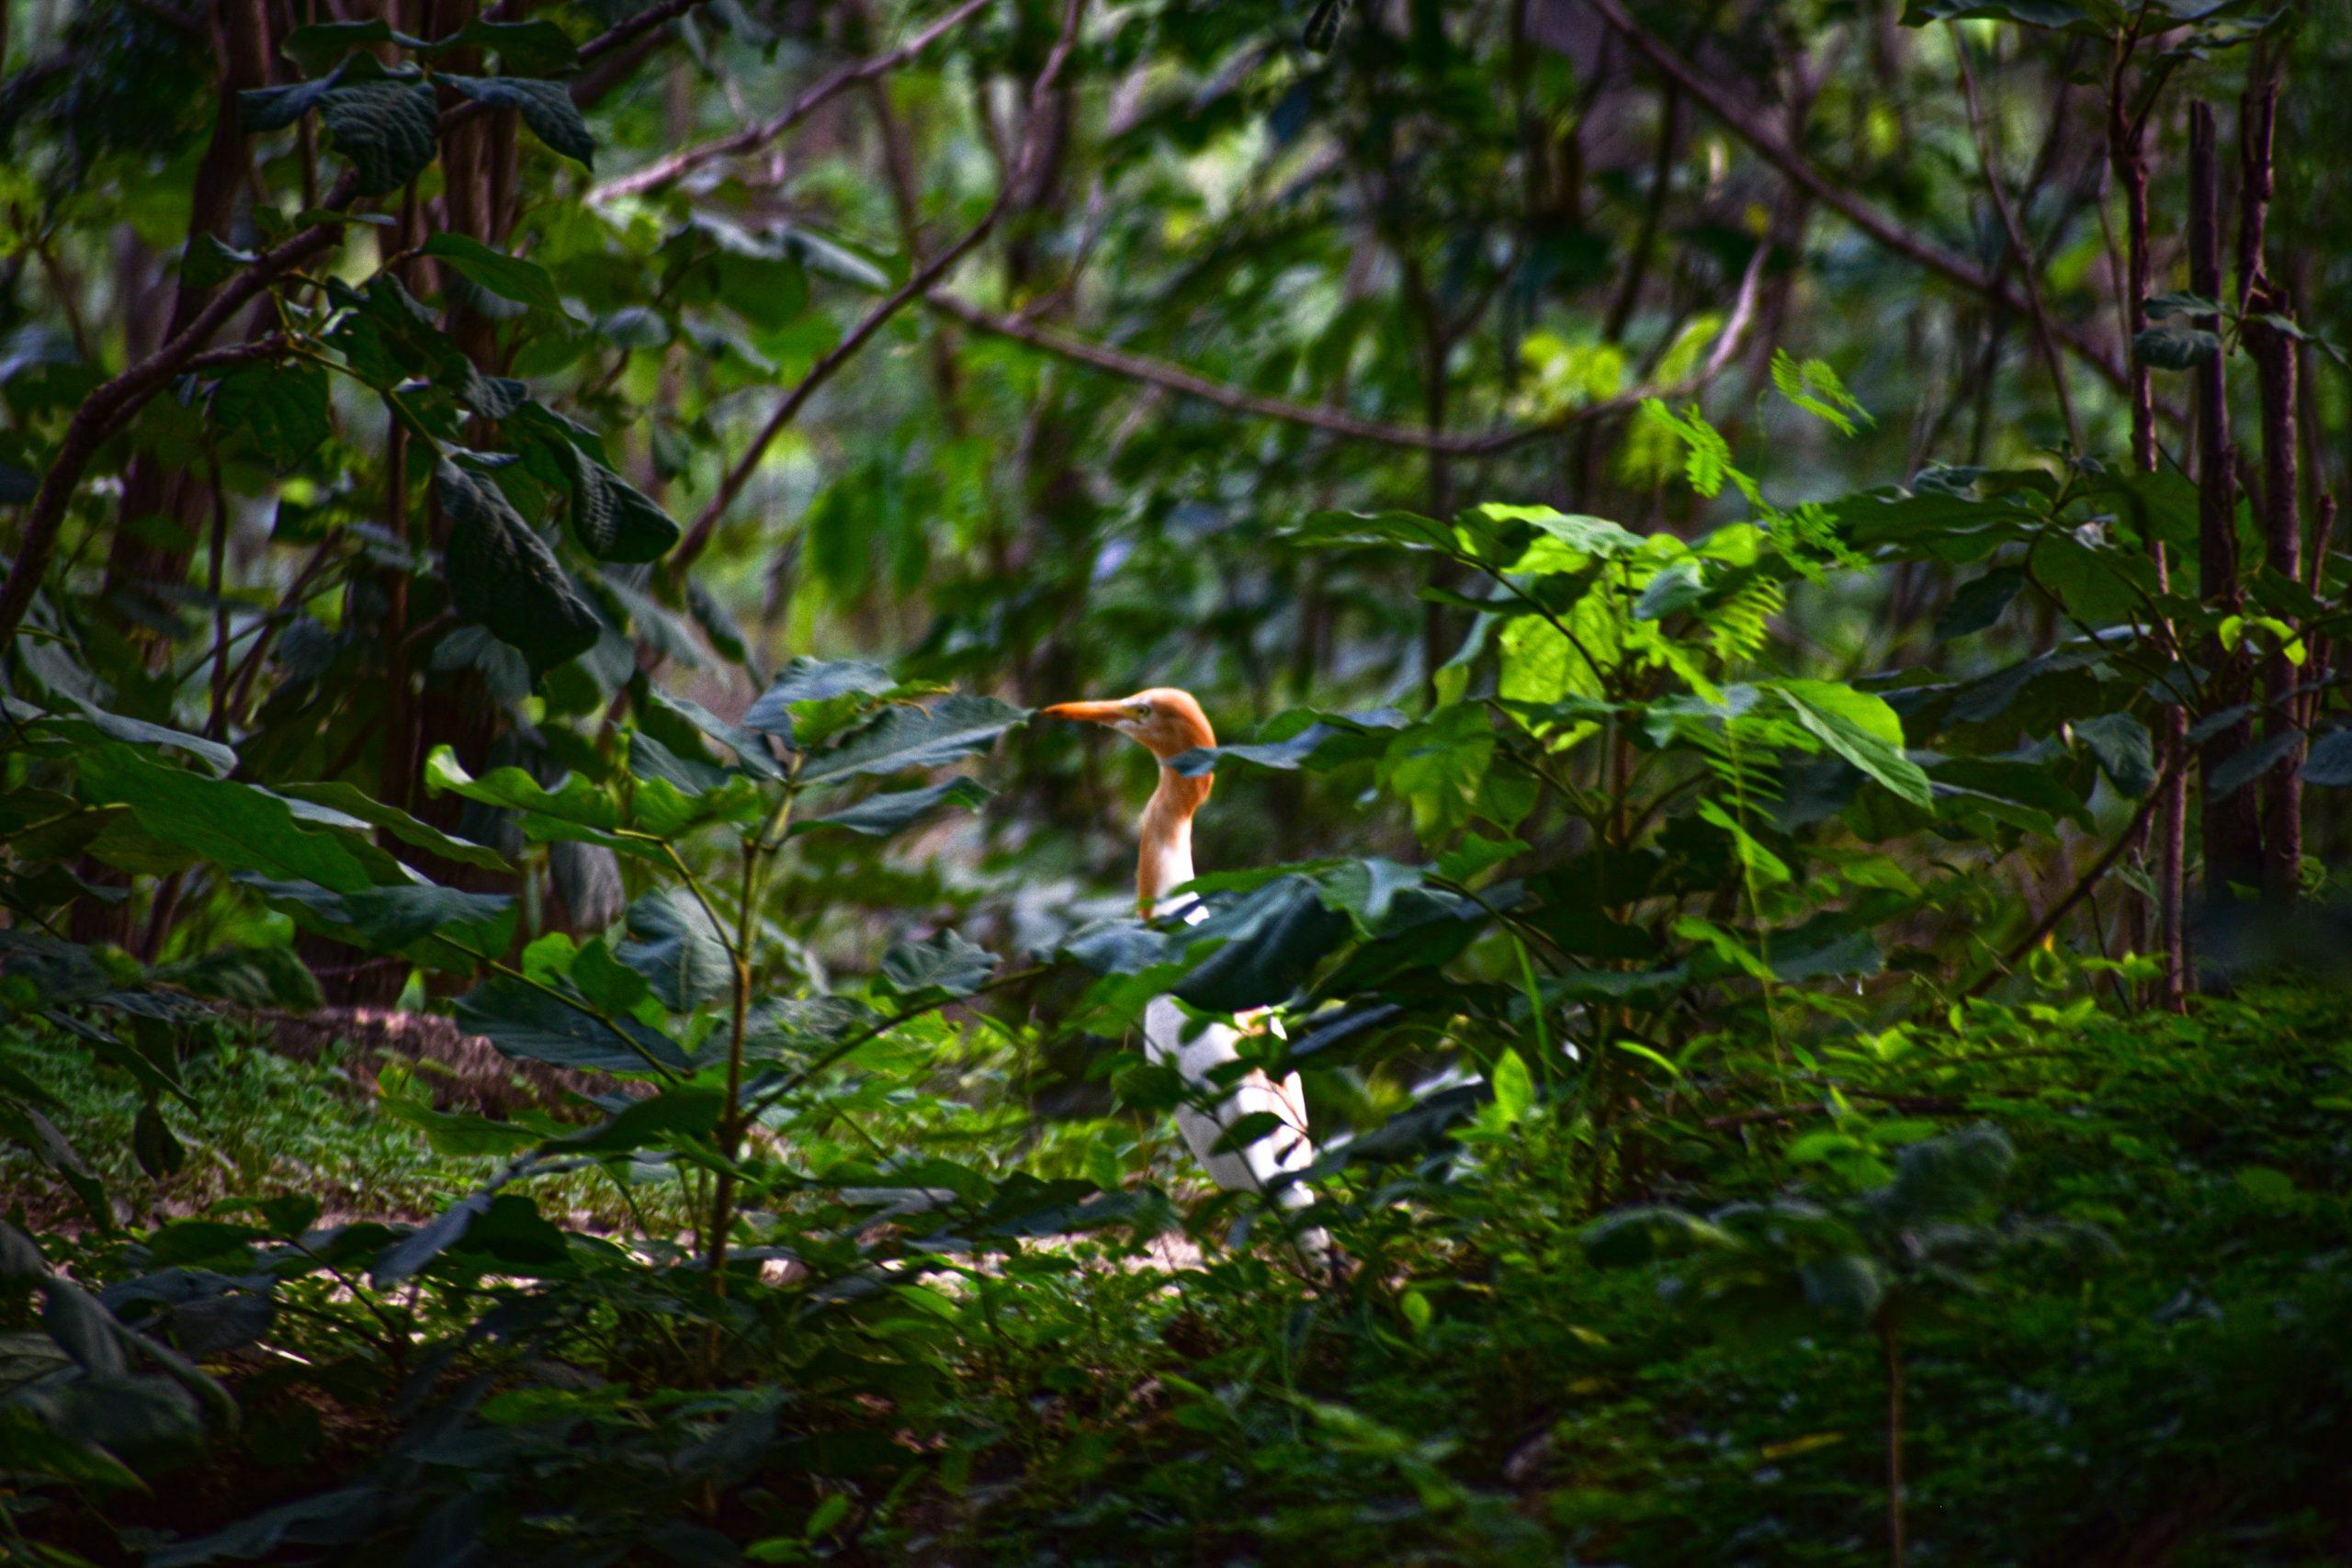 A crane bird in jungle